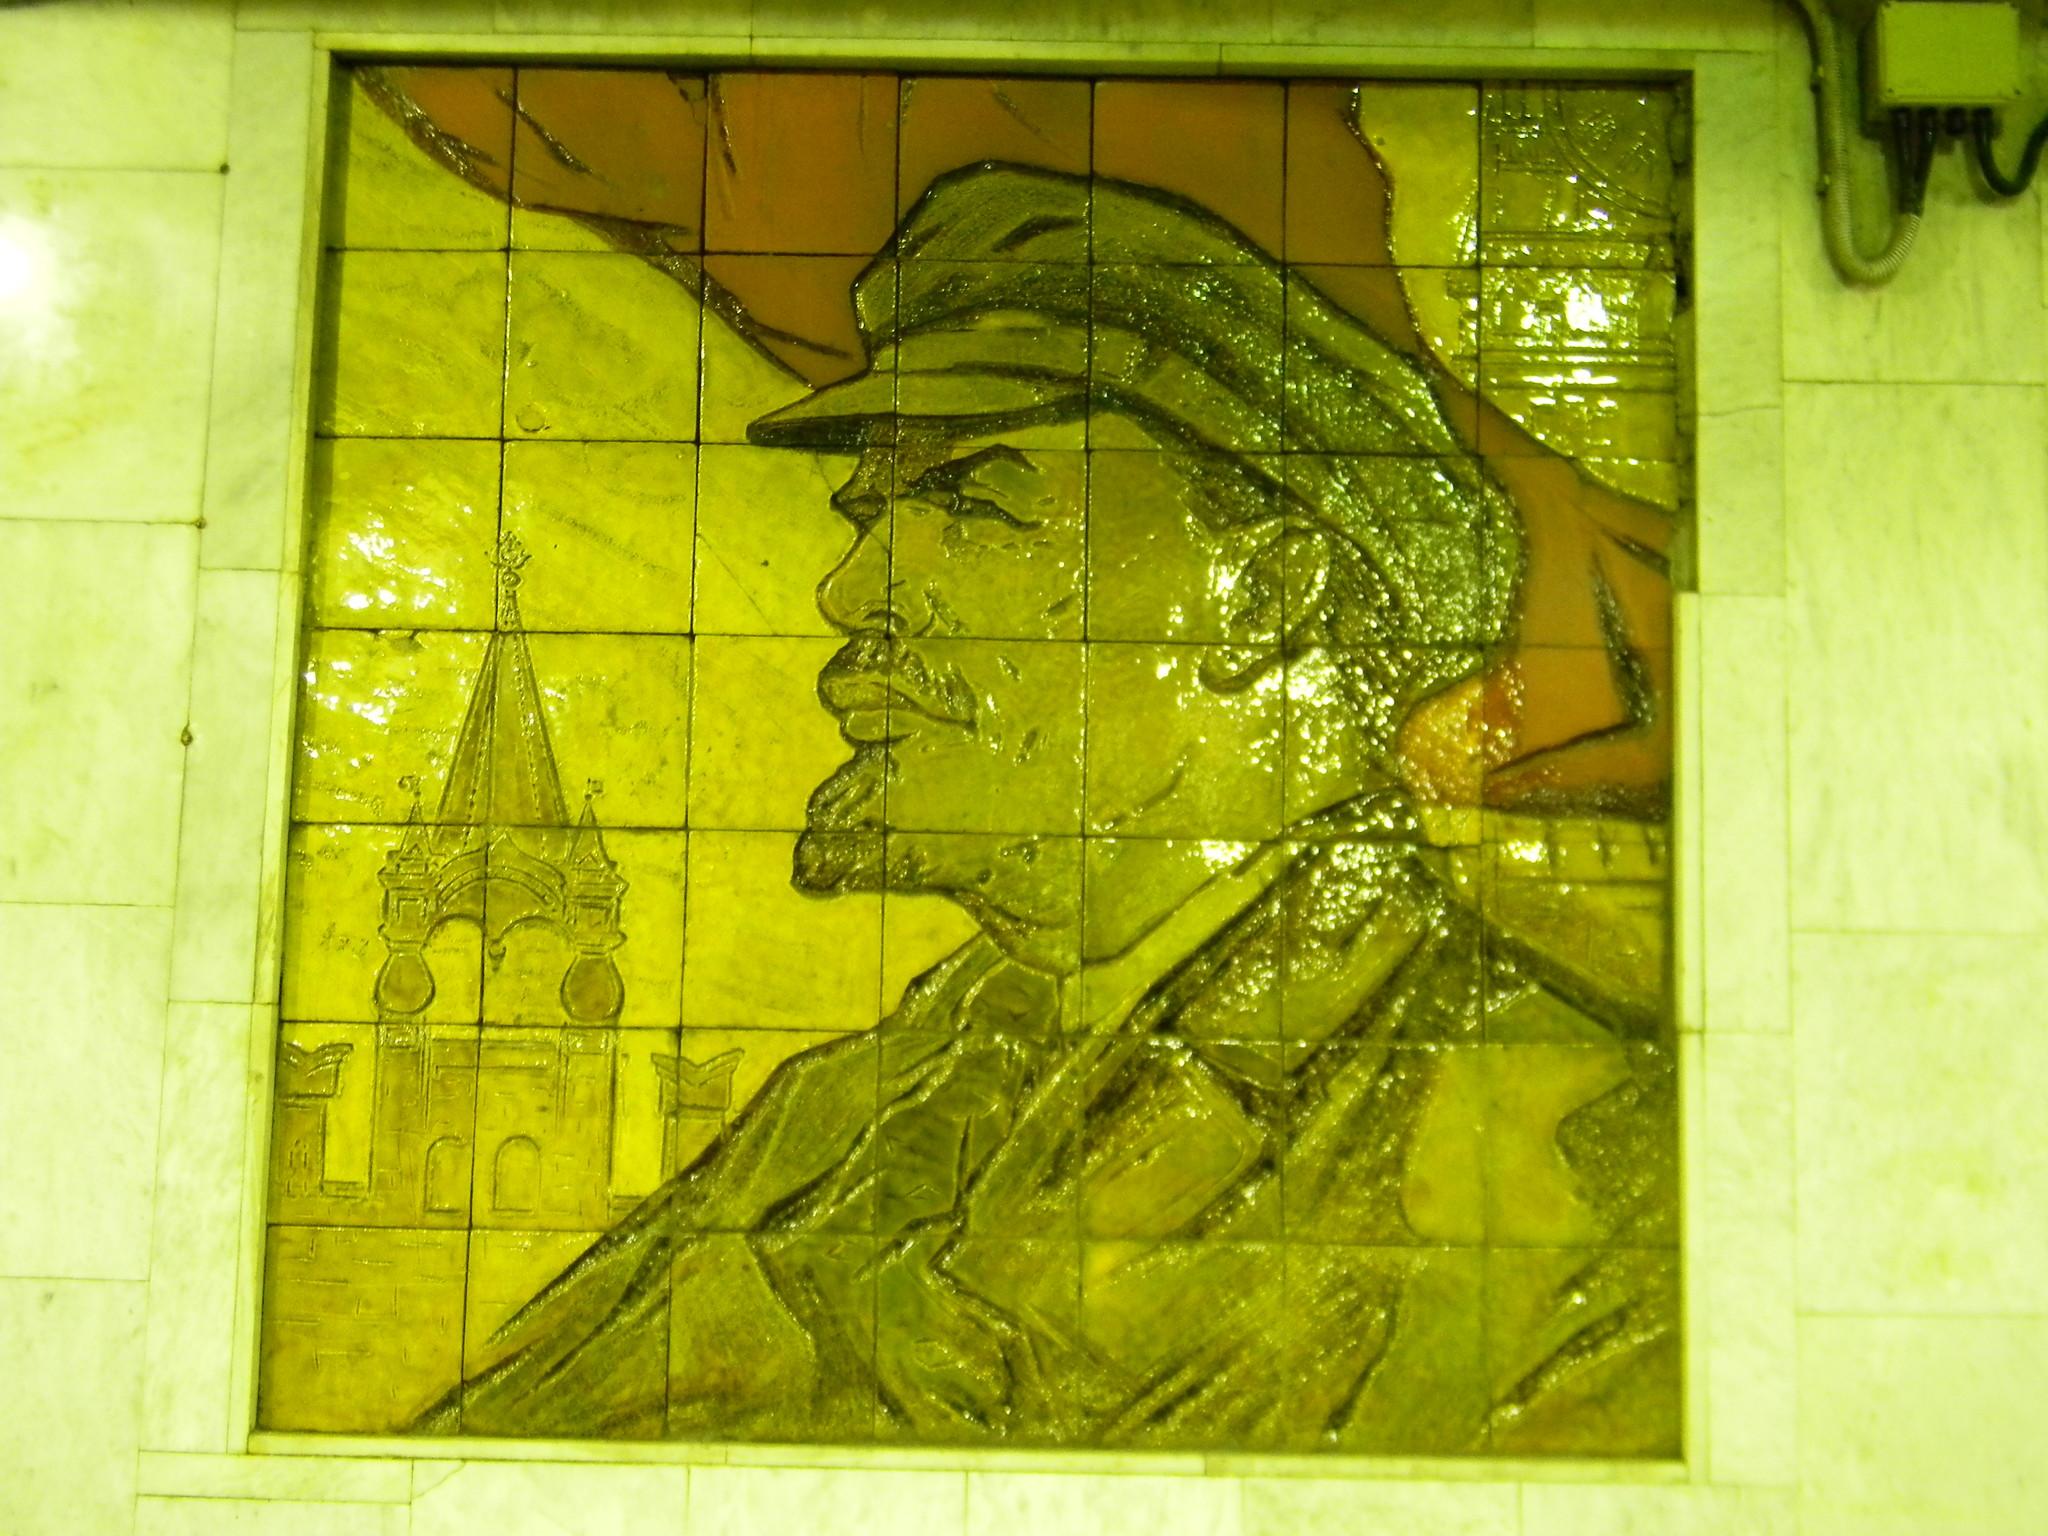 Майоликовый портрет Владимира Ильича Ленина на стене вестибюля станции «Боровицкая», который встроен в западный вестибюль станции «Библиотека имени Ленина» Сокольнической линии